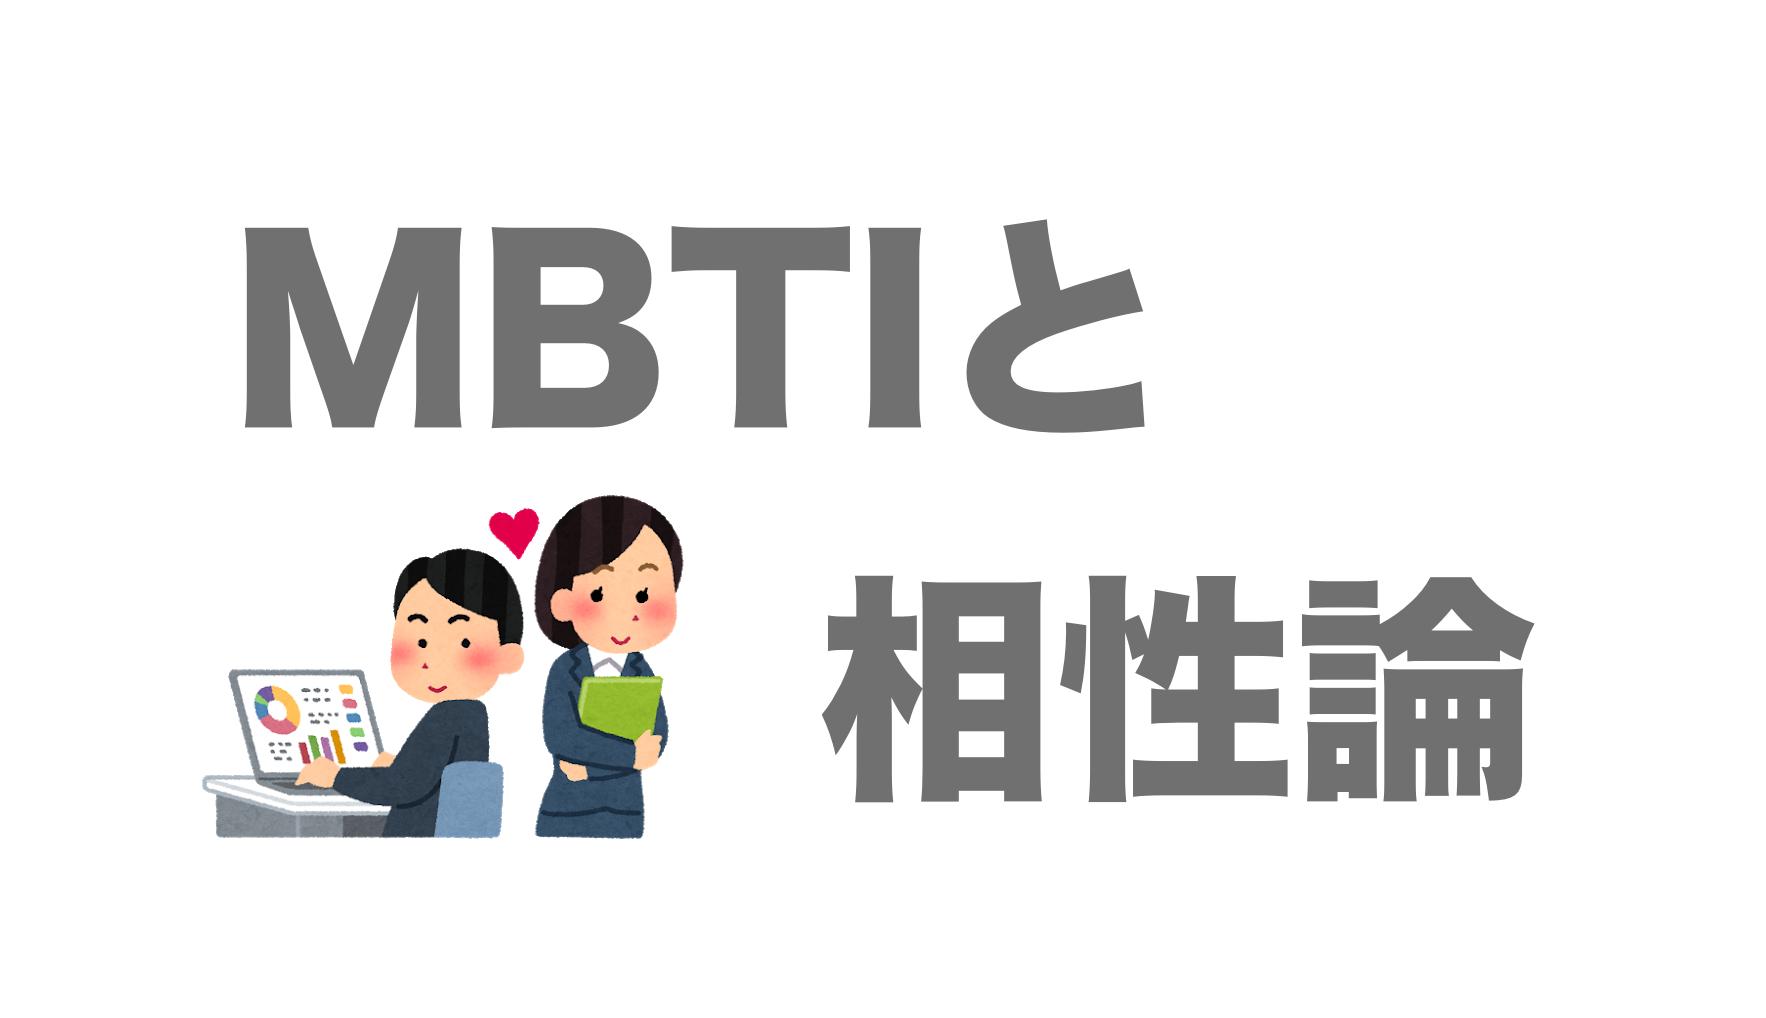 MBTIと相性論について